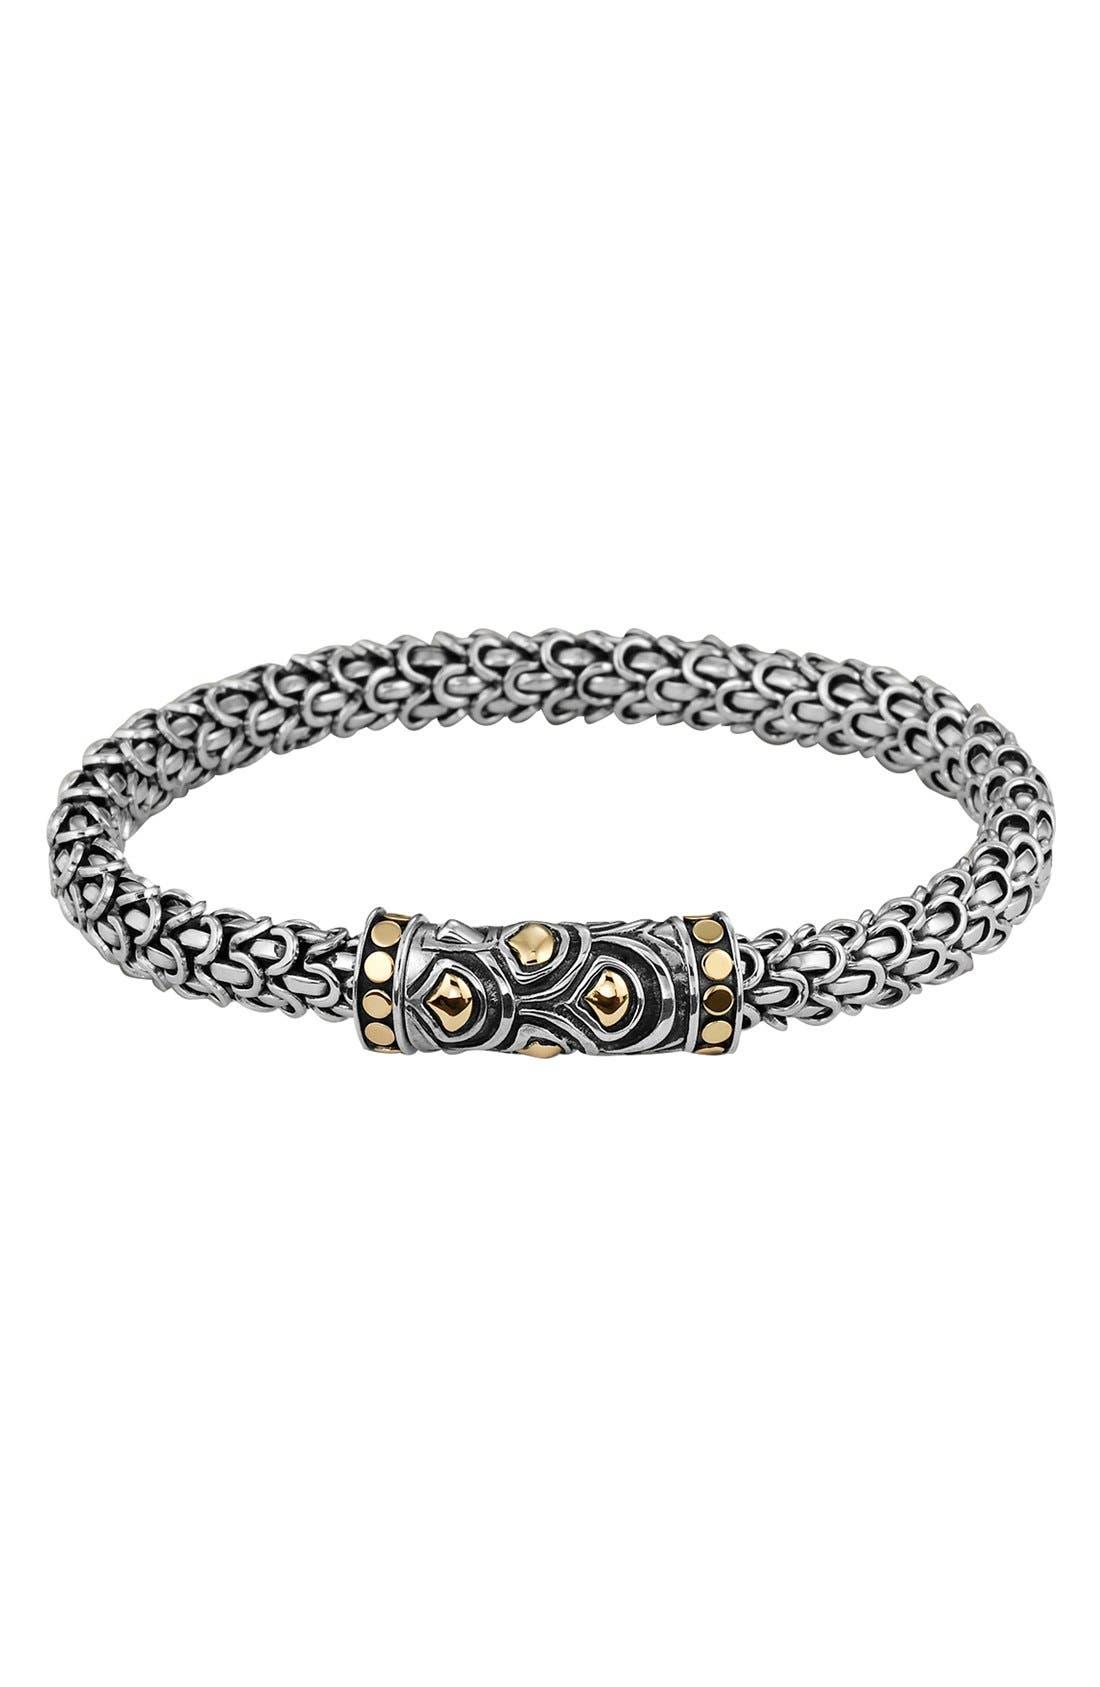 'Naga' Bracelet,                         Main,                         color, Silver/ Gold